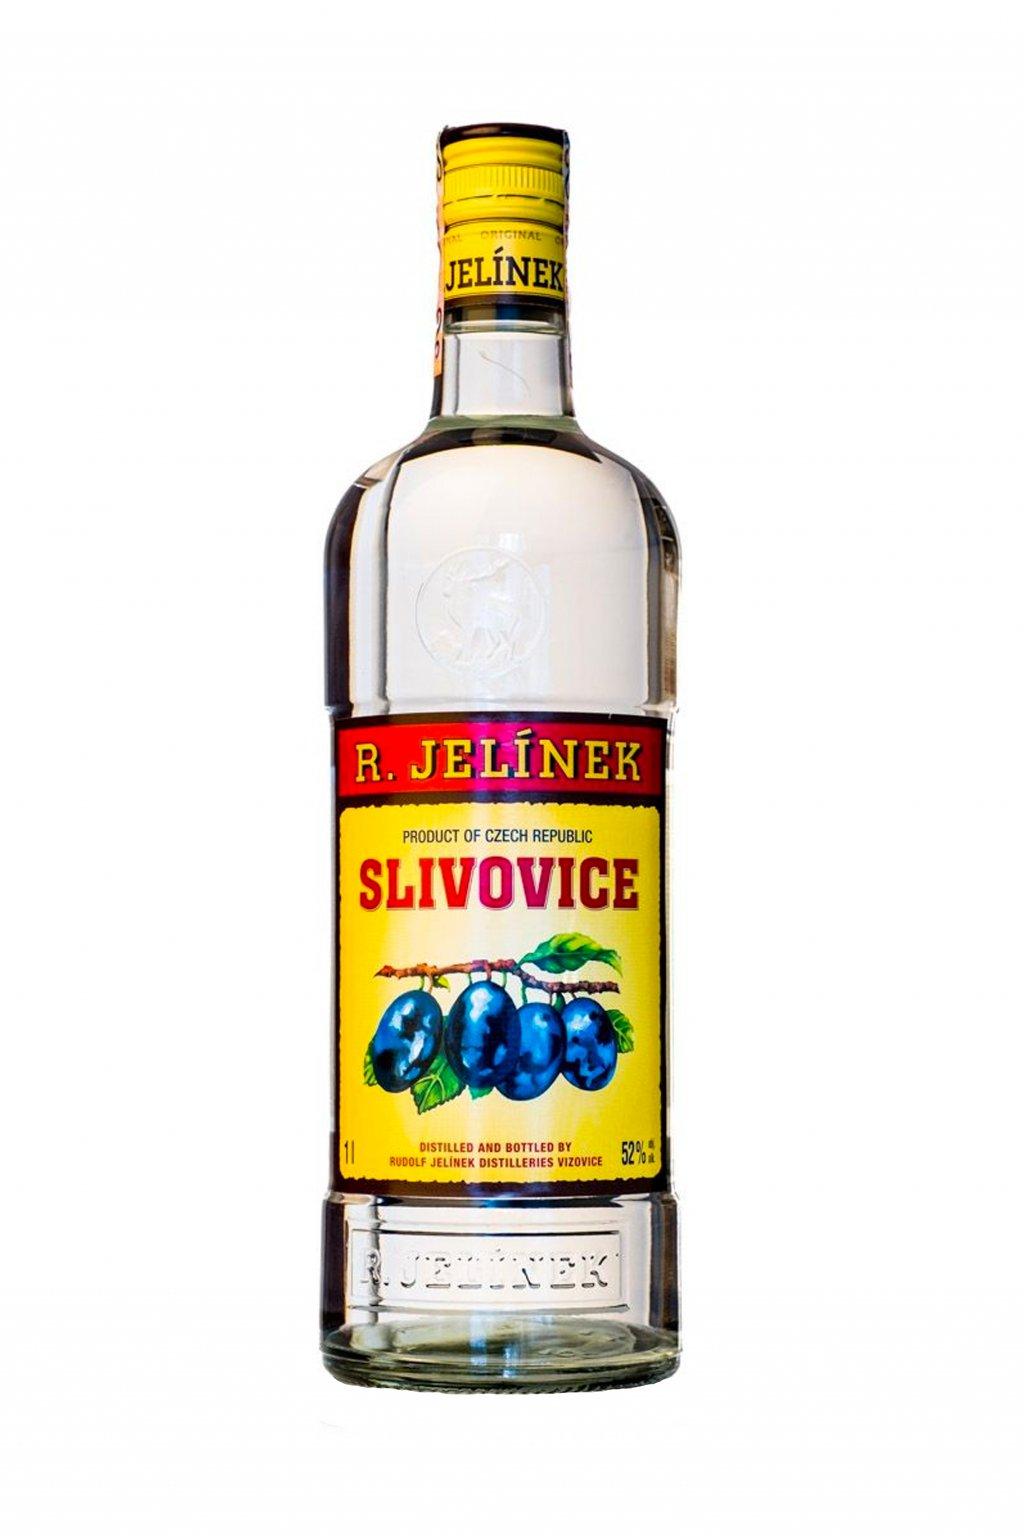 Slivovica Jelinek 1l